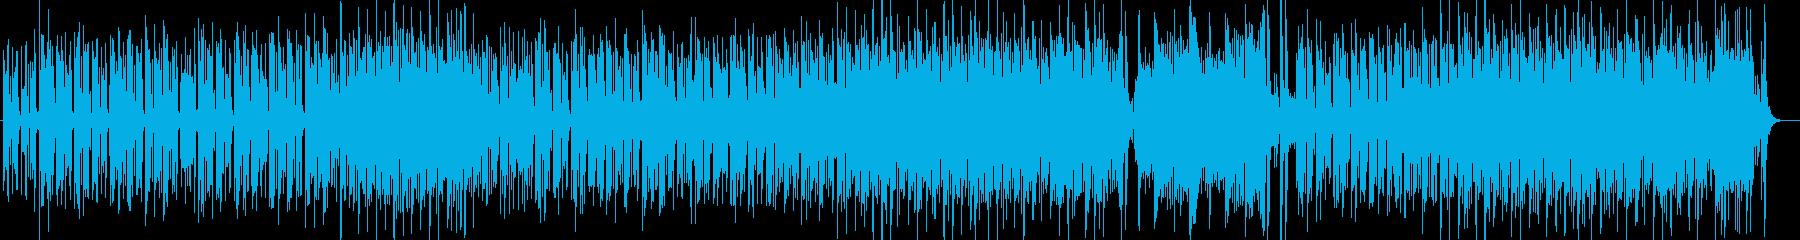 明るい陽気なシンセサイザーのリズムの再生済みの波形